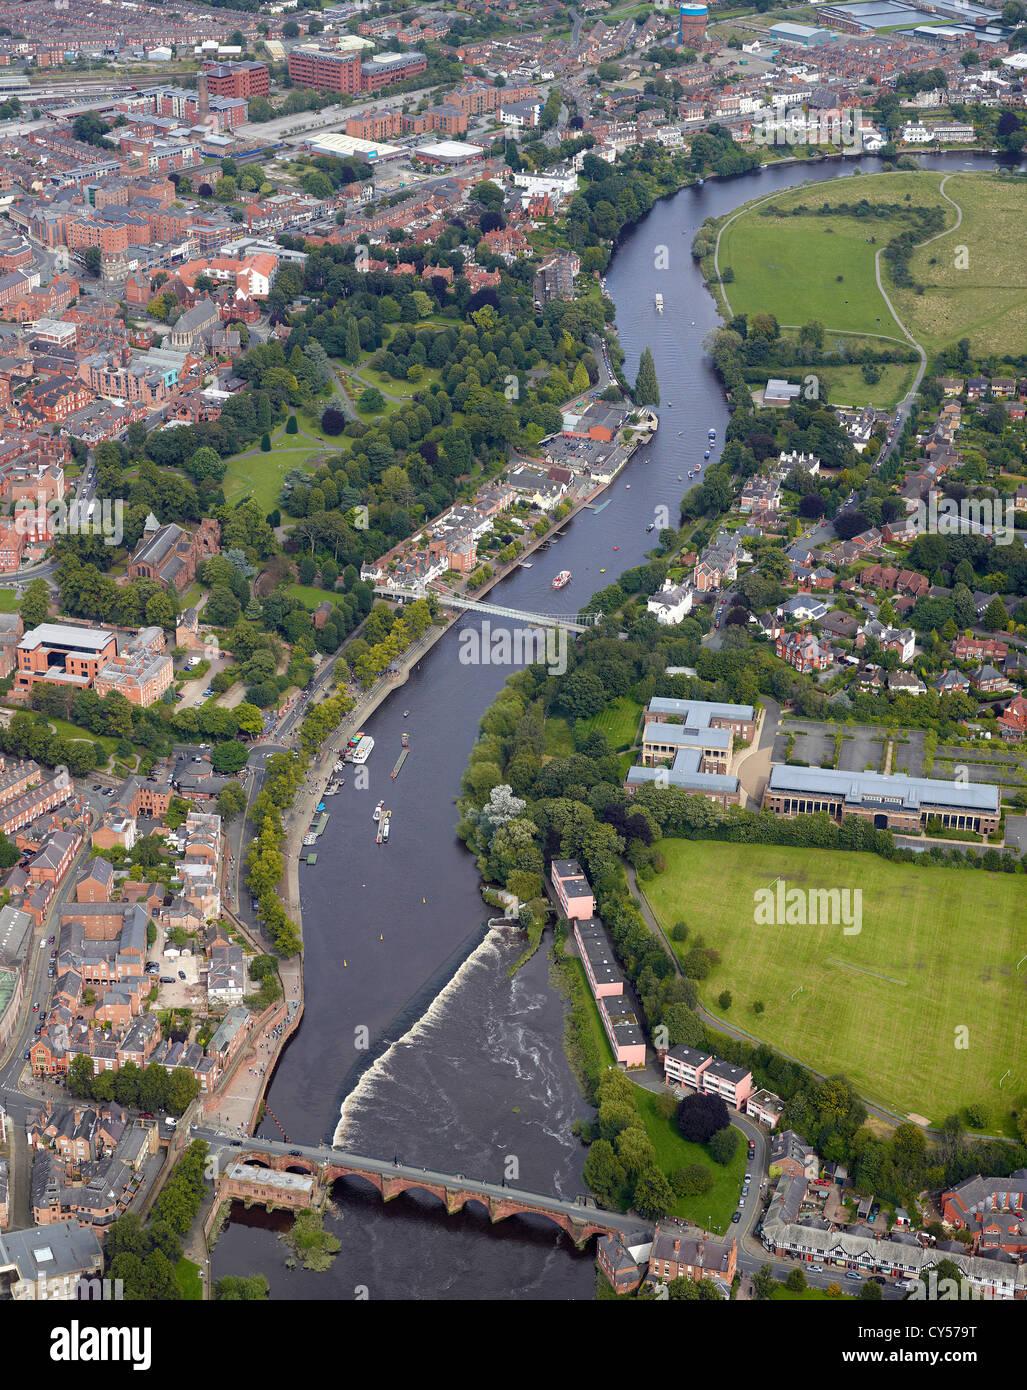 Chester und den Fluss Dee mit touristischen Boote auf dem Fluss, Cheshire, North West England Stockbild